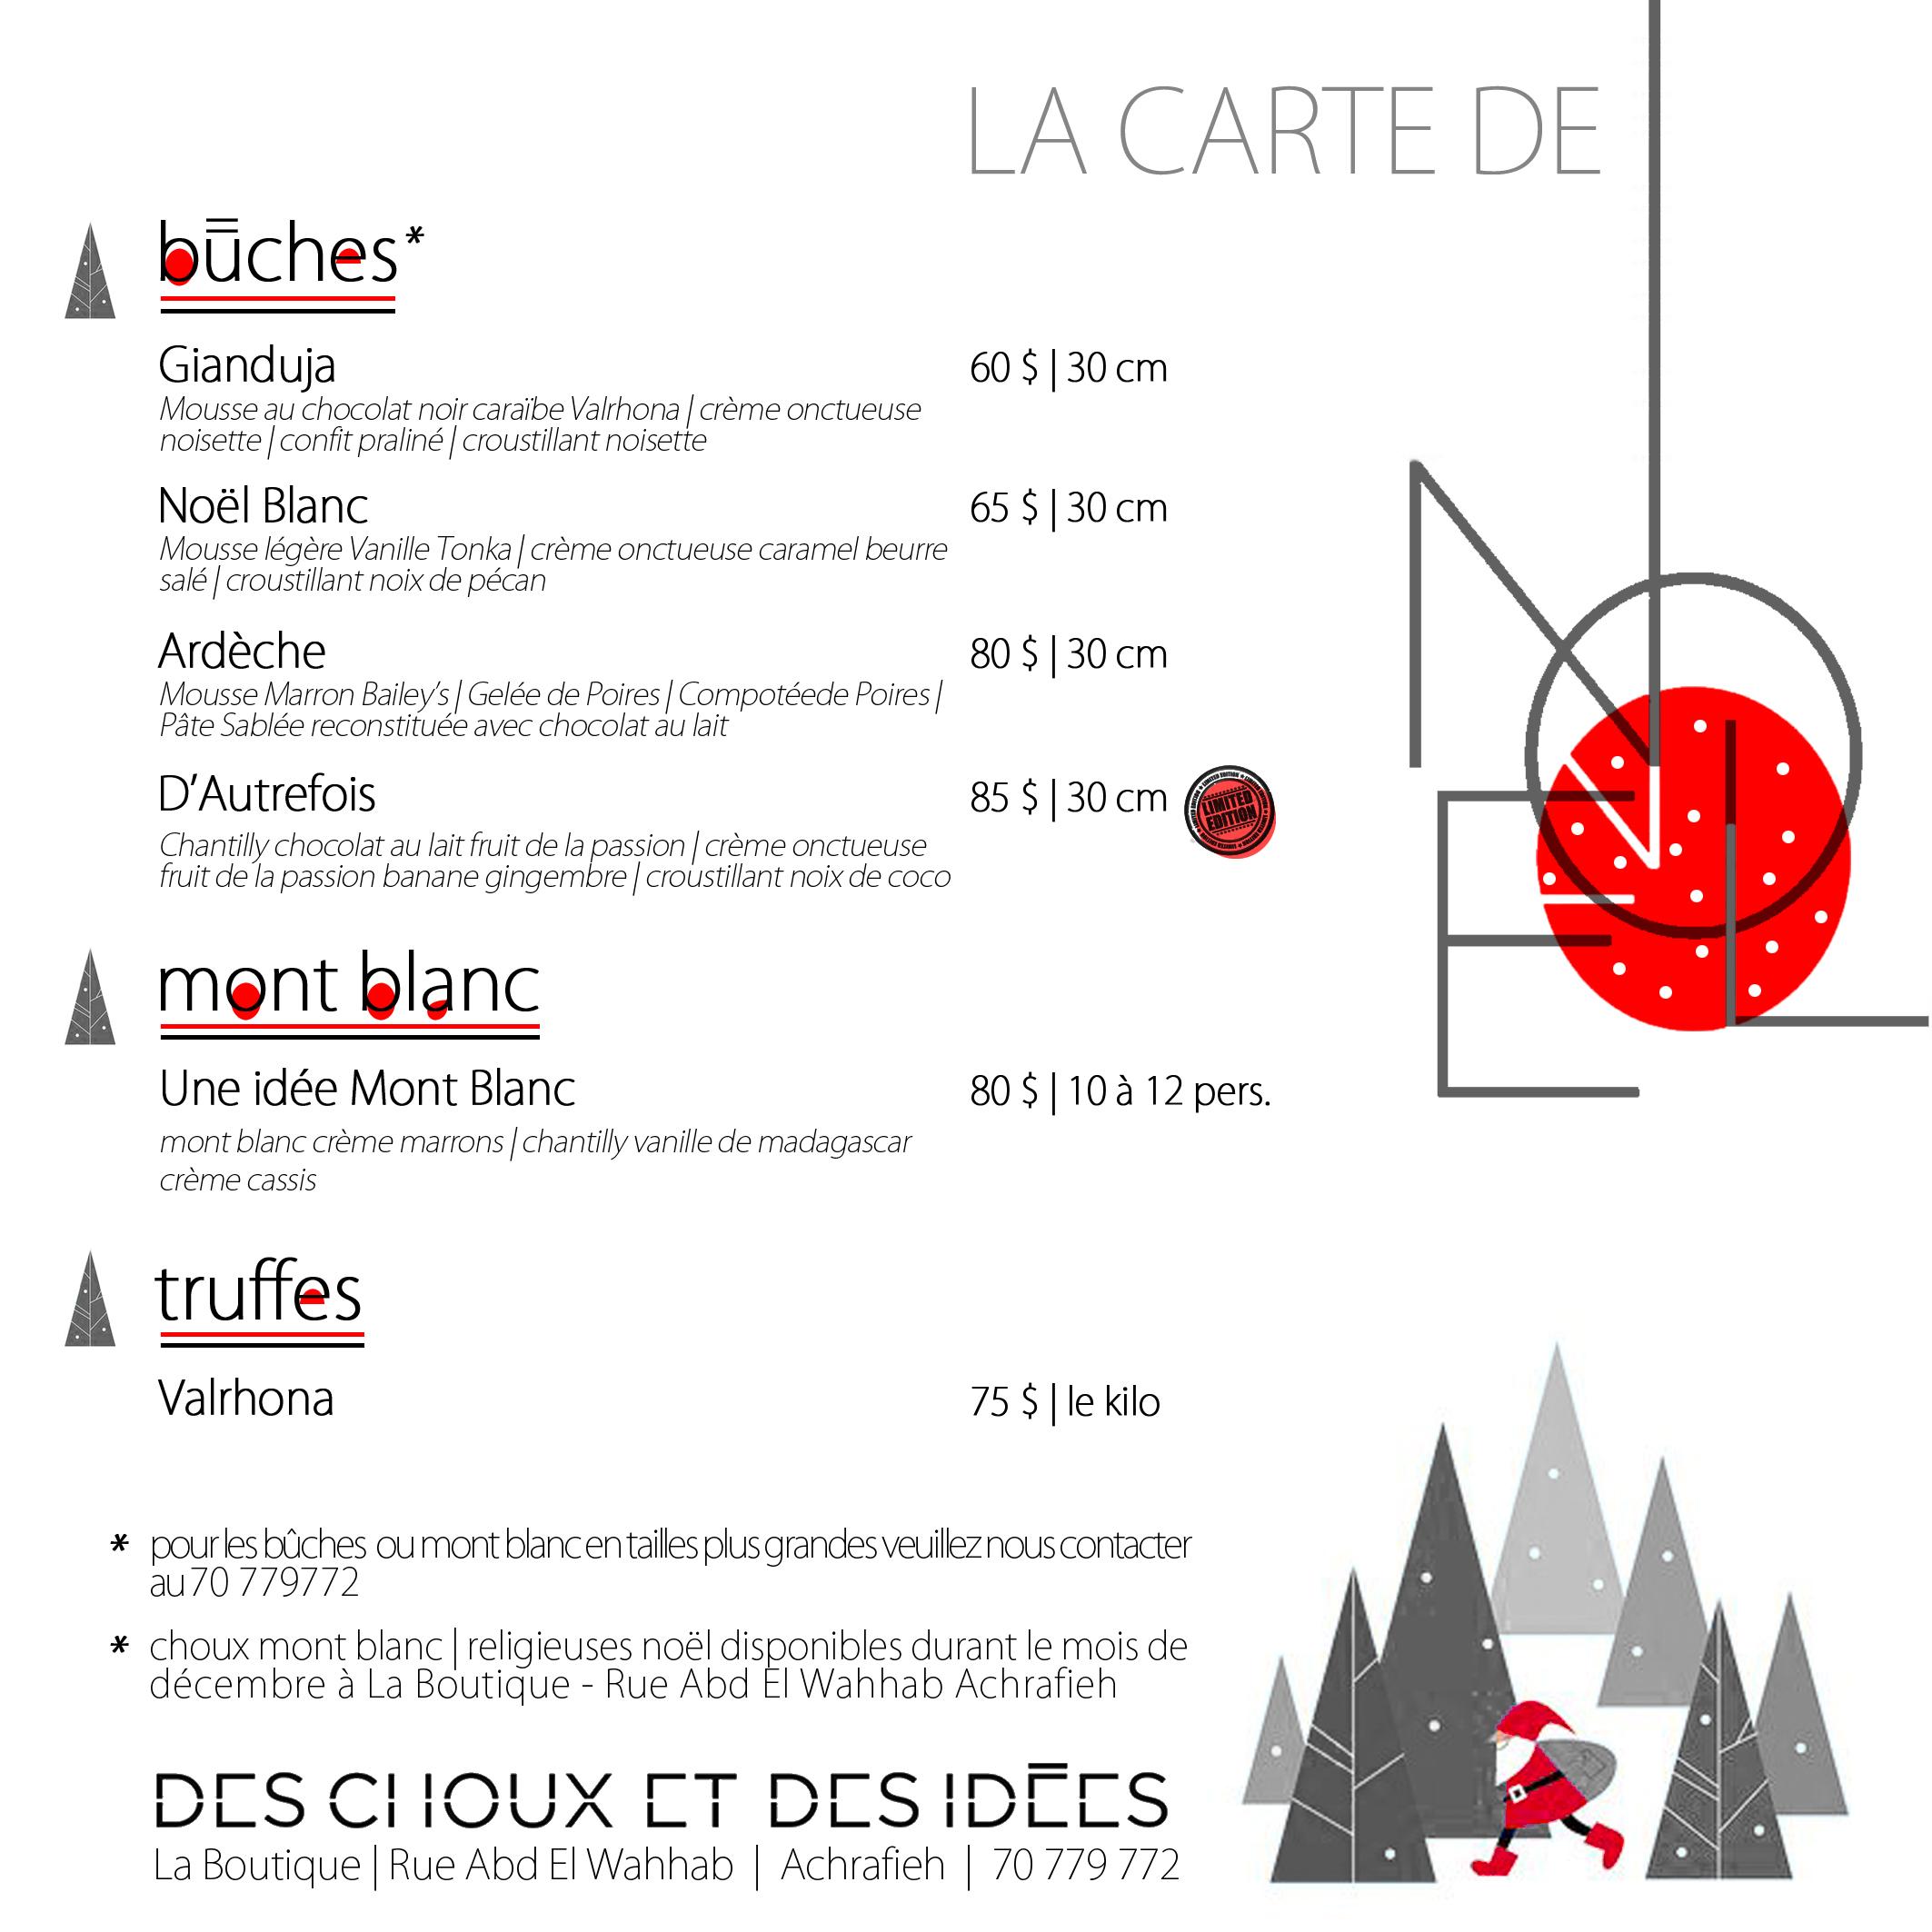 La Carte de Noël 2016